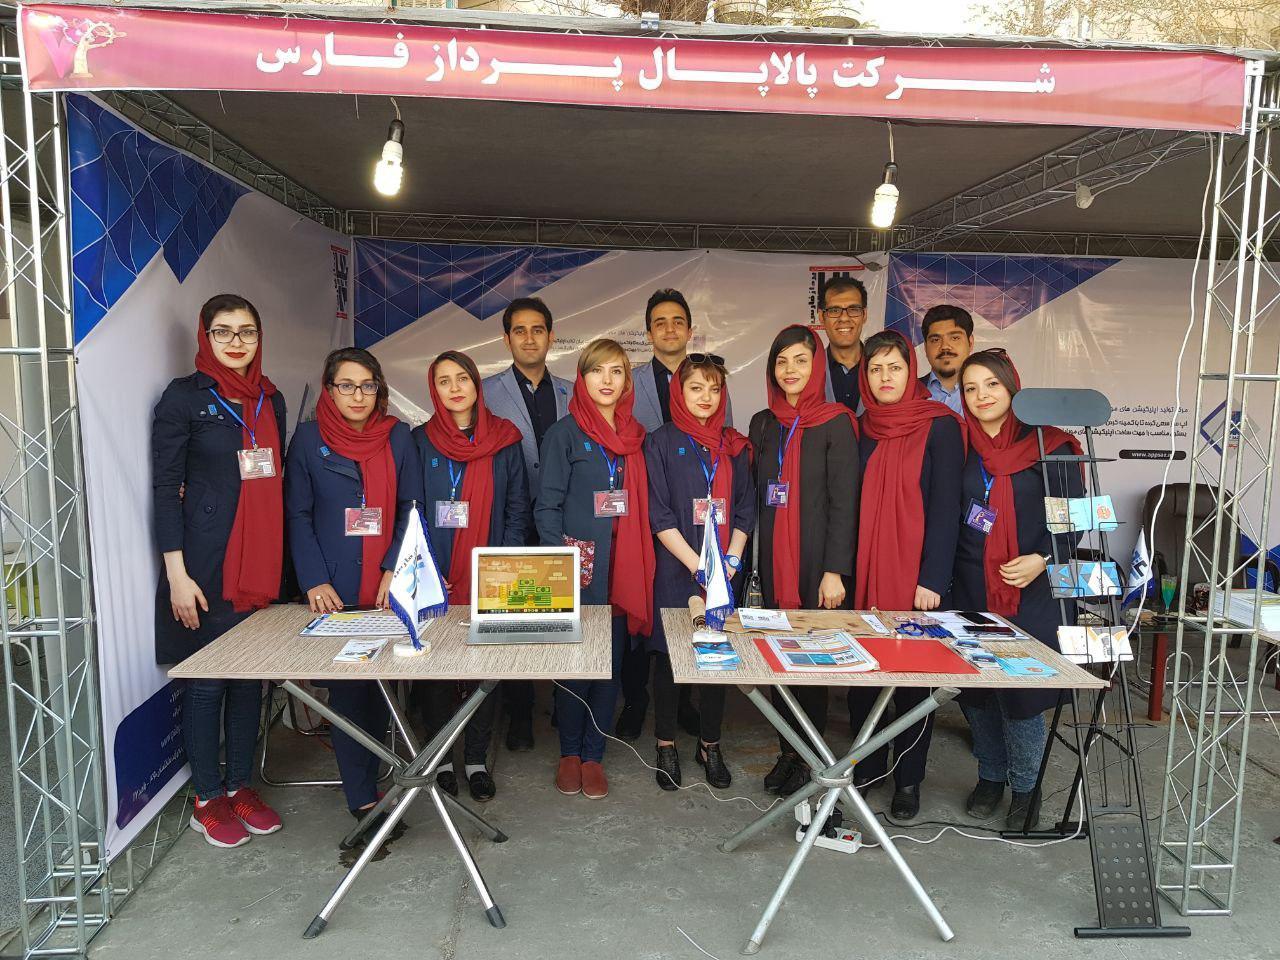 دستاوردهای اپ ساز و شرکت در جشنواره ها